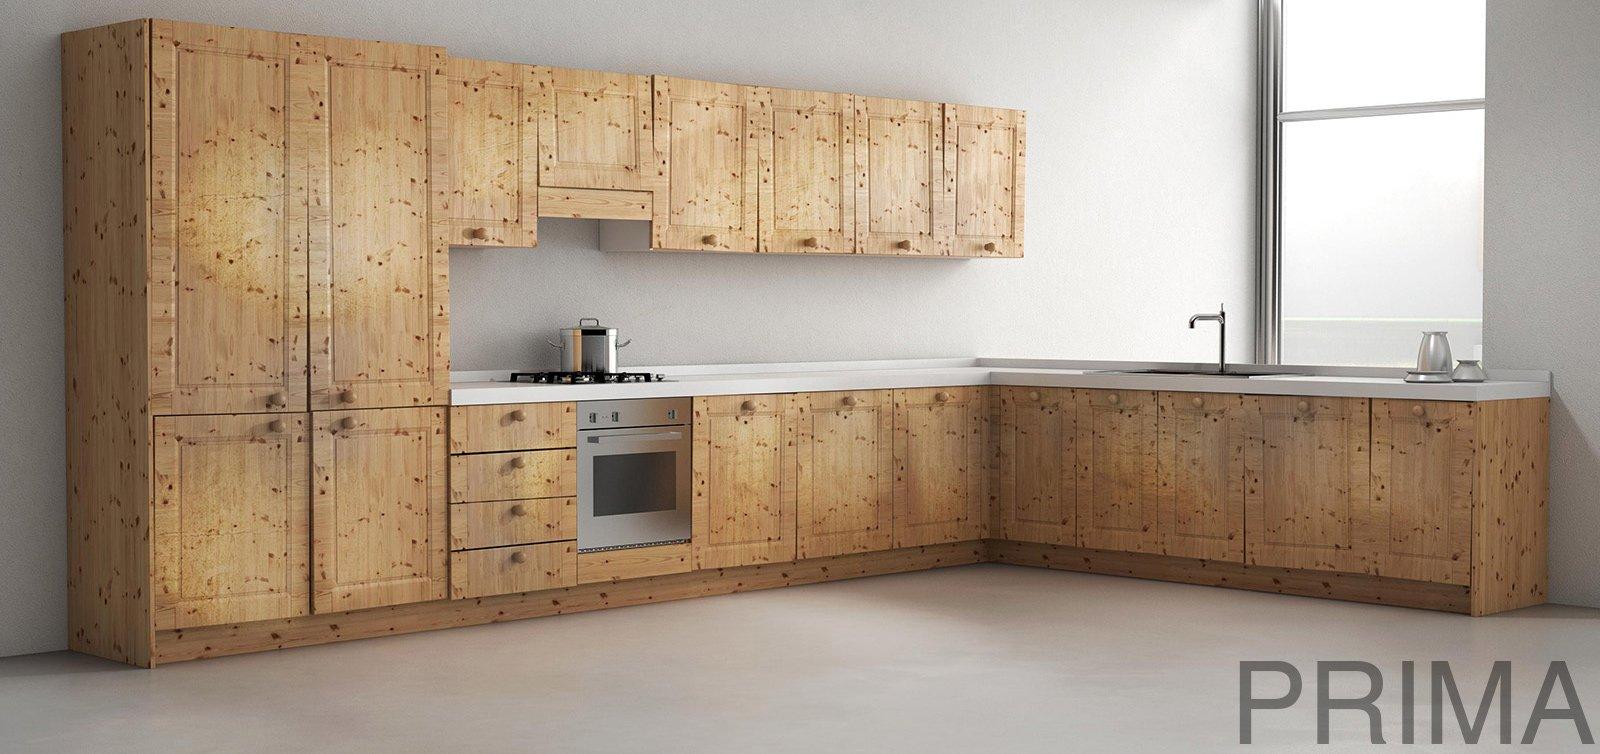 Cucina la rinnovo cambiando solo le ante cose di casa - Come rinnovare una cucina in legno ...